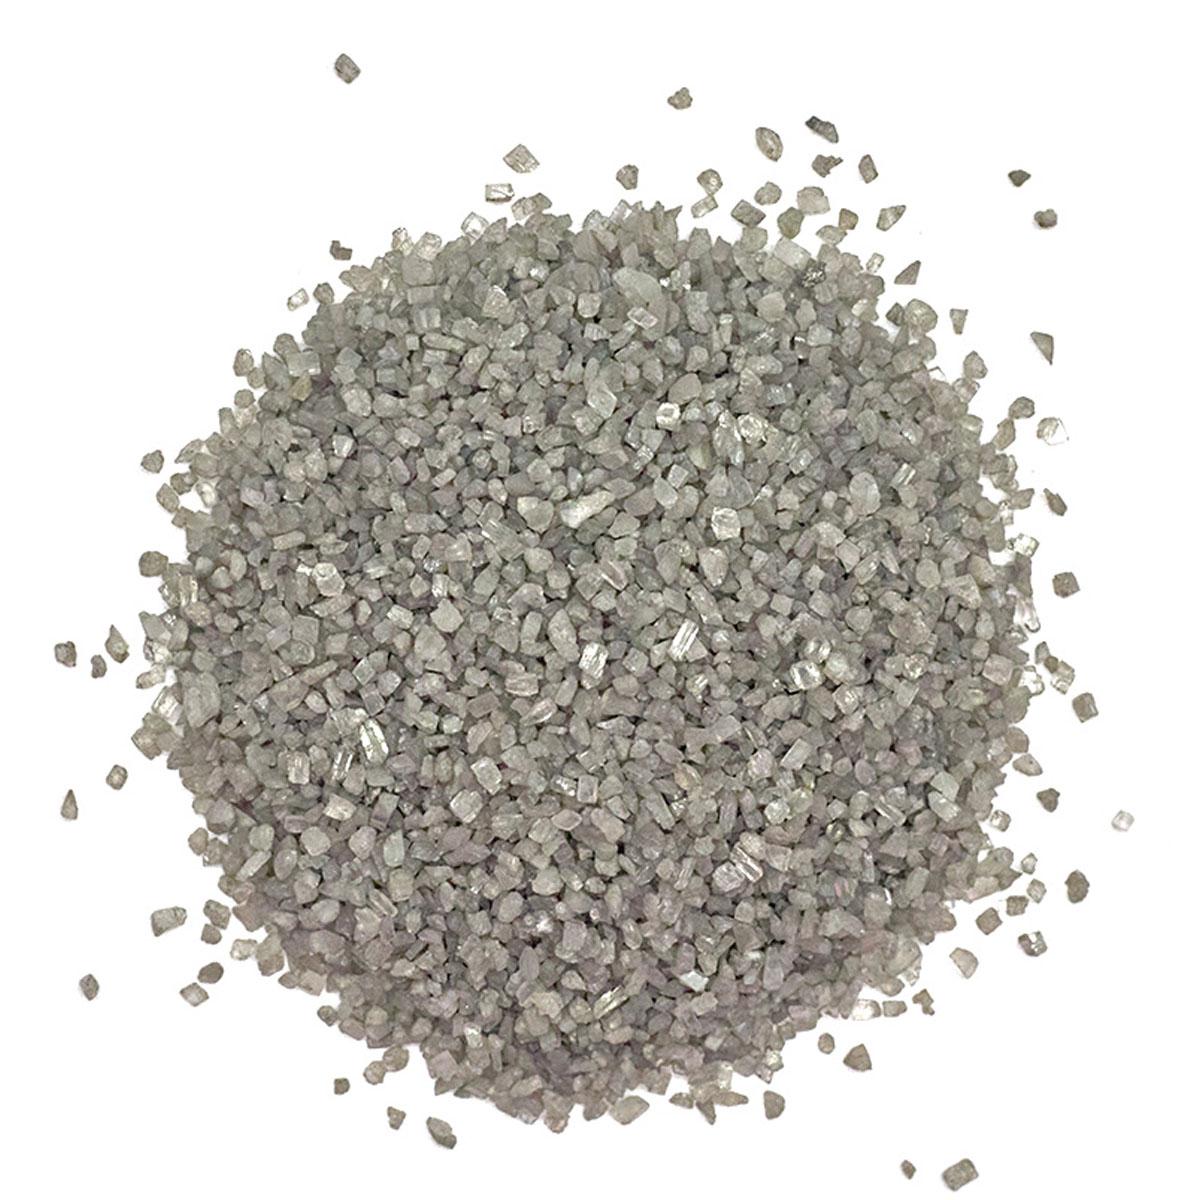 Песок для декор. работ 'Серебро' (500гр.)